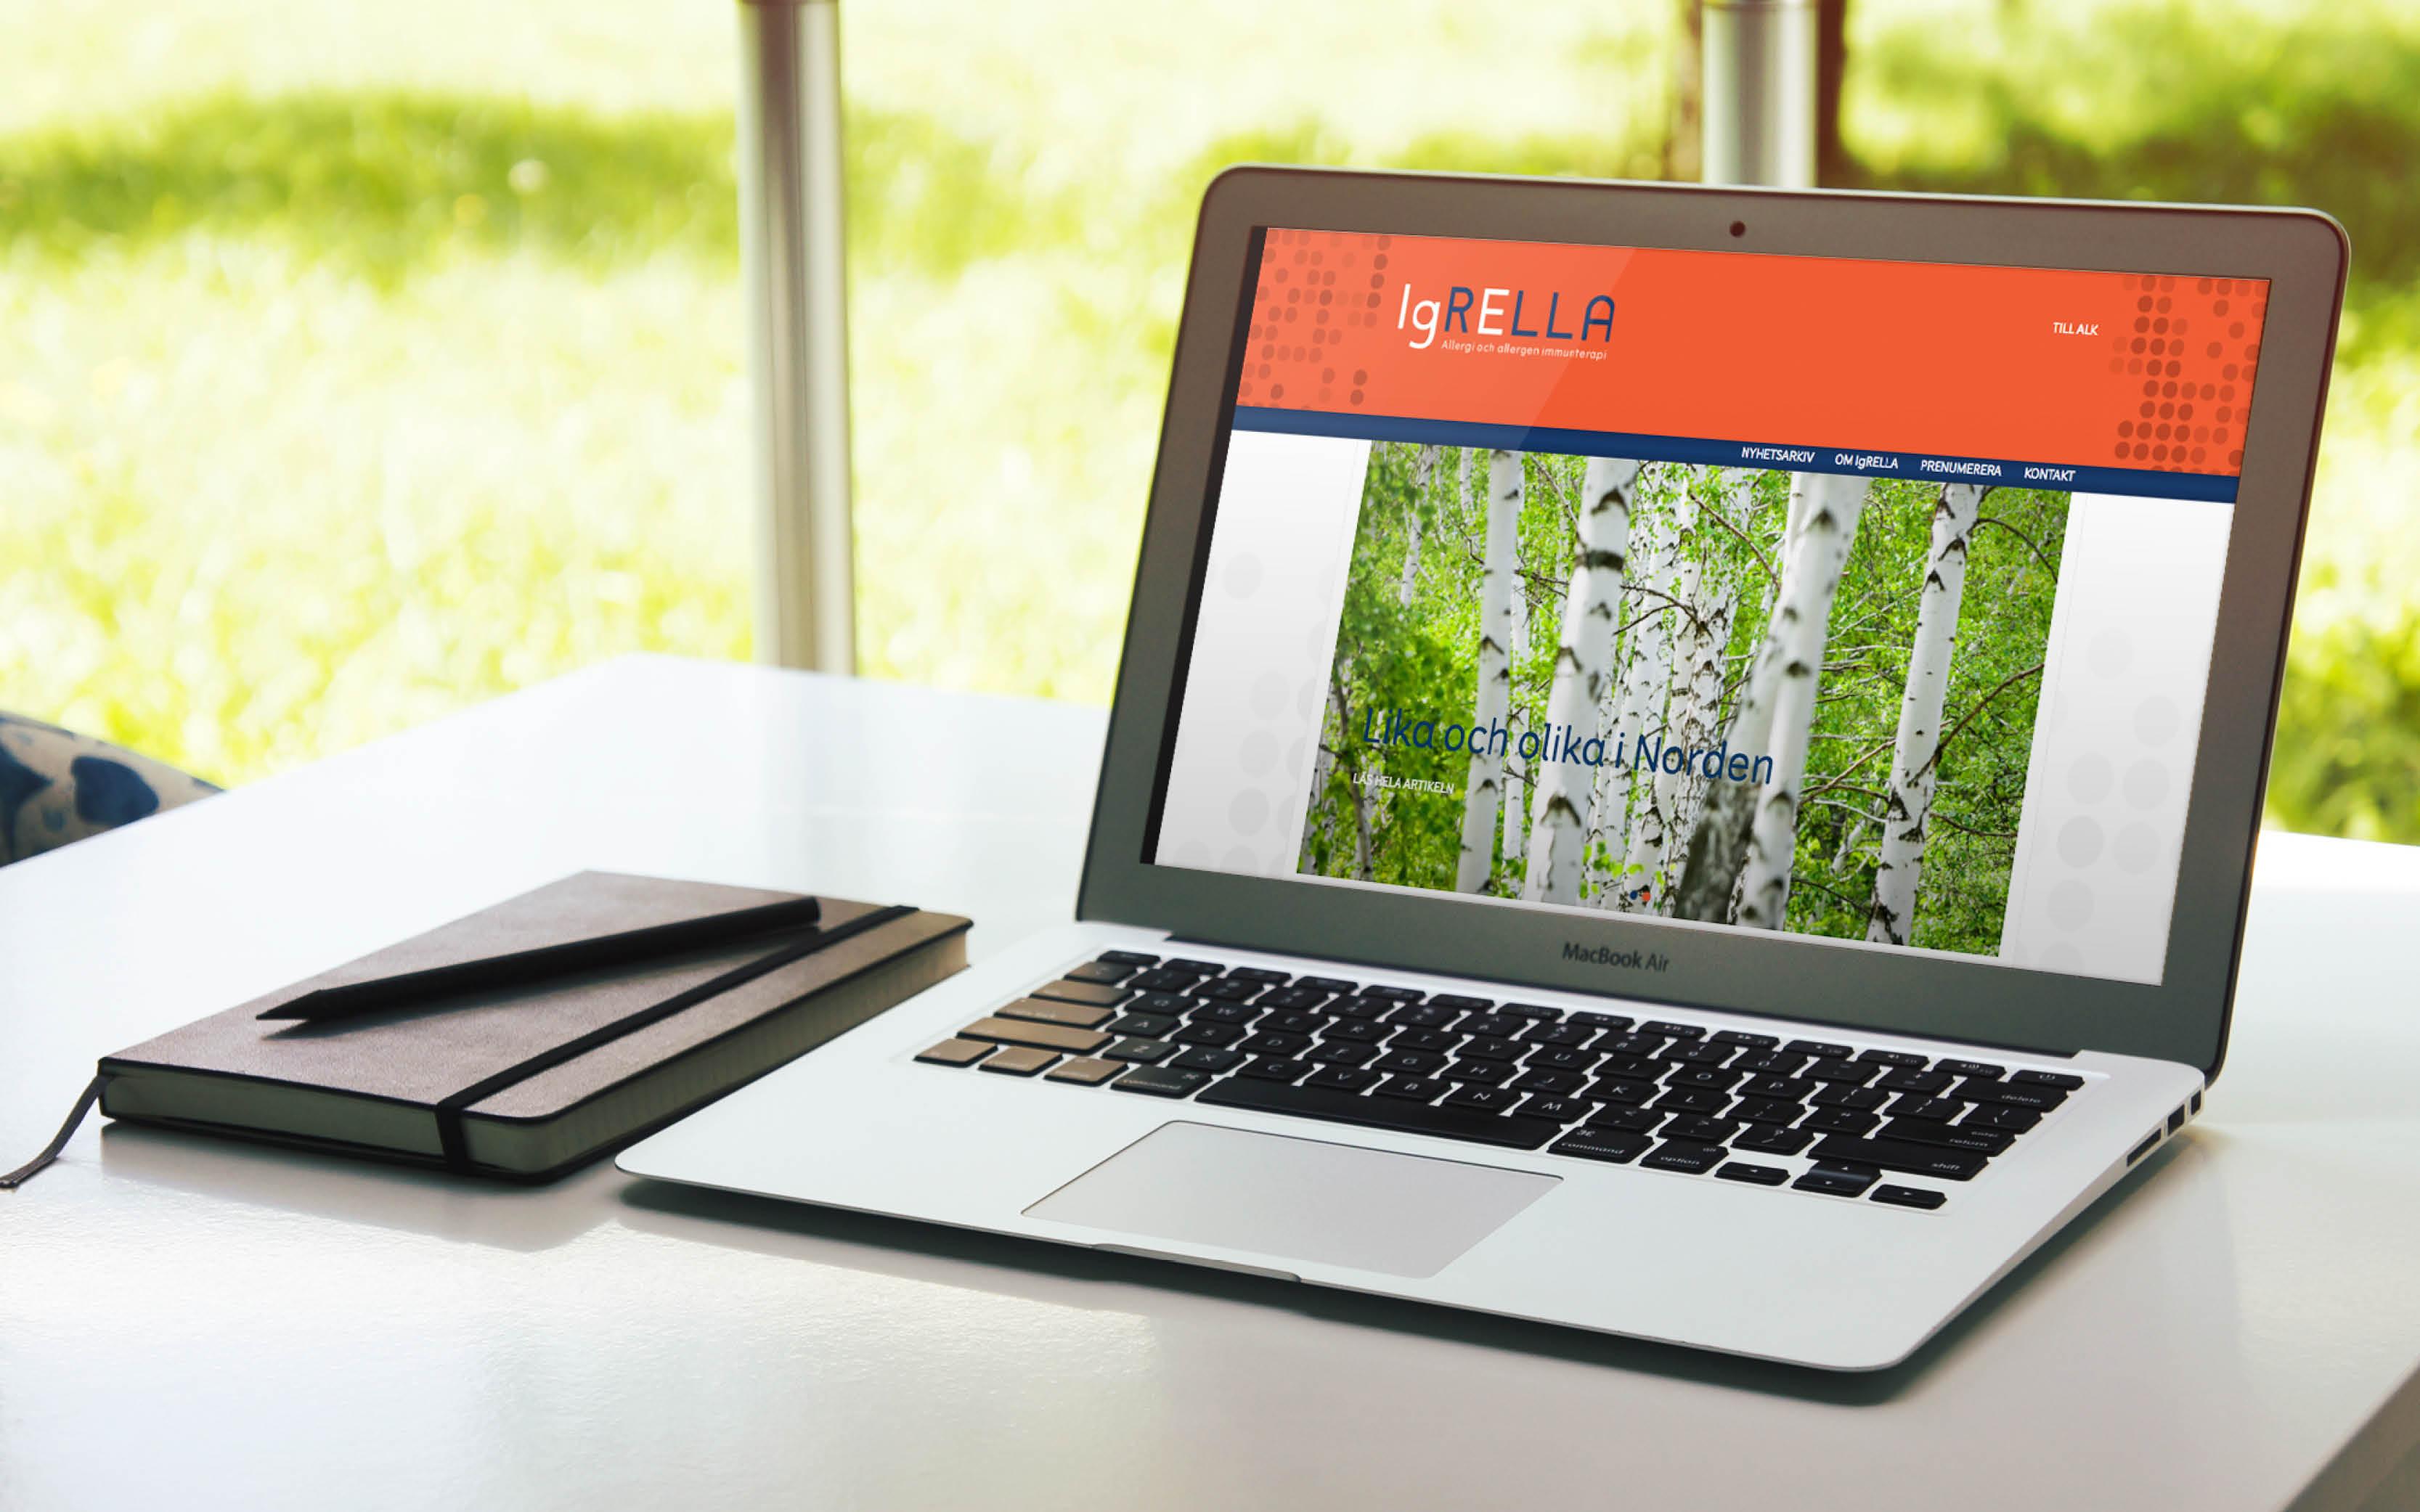 Varumärkeskoncept Igrella hemsida